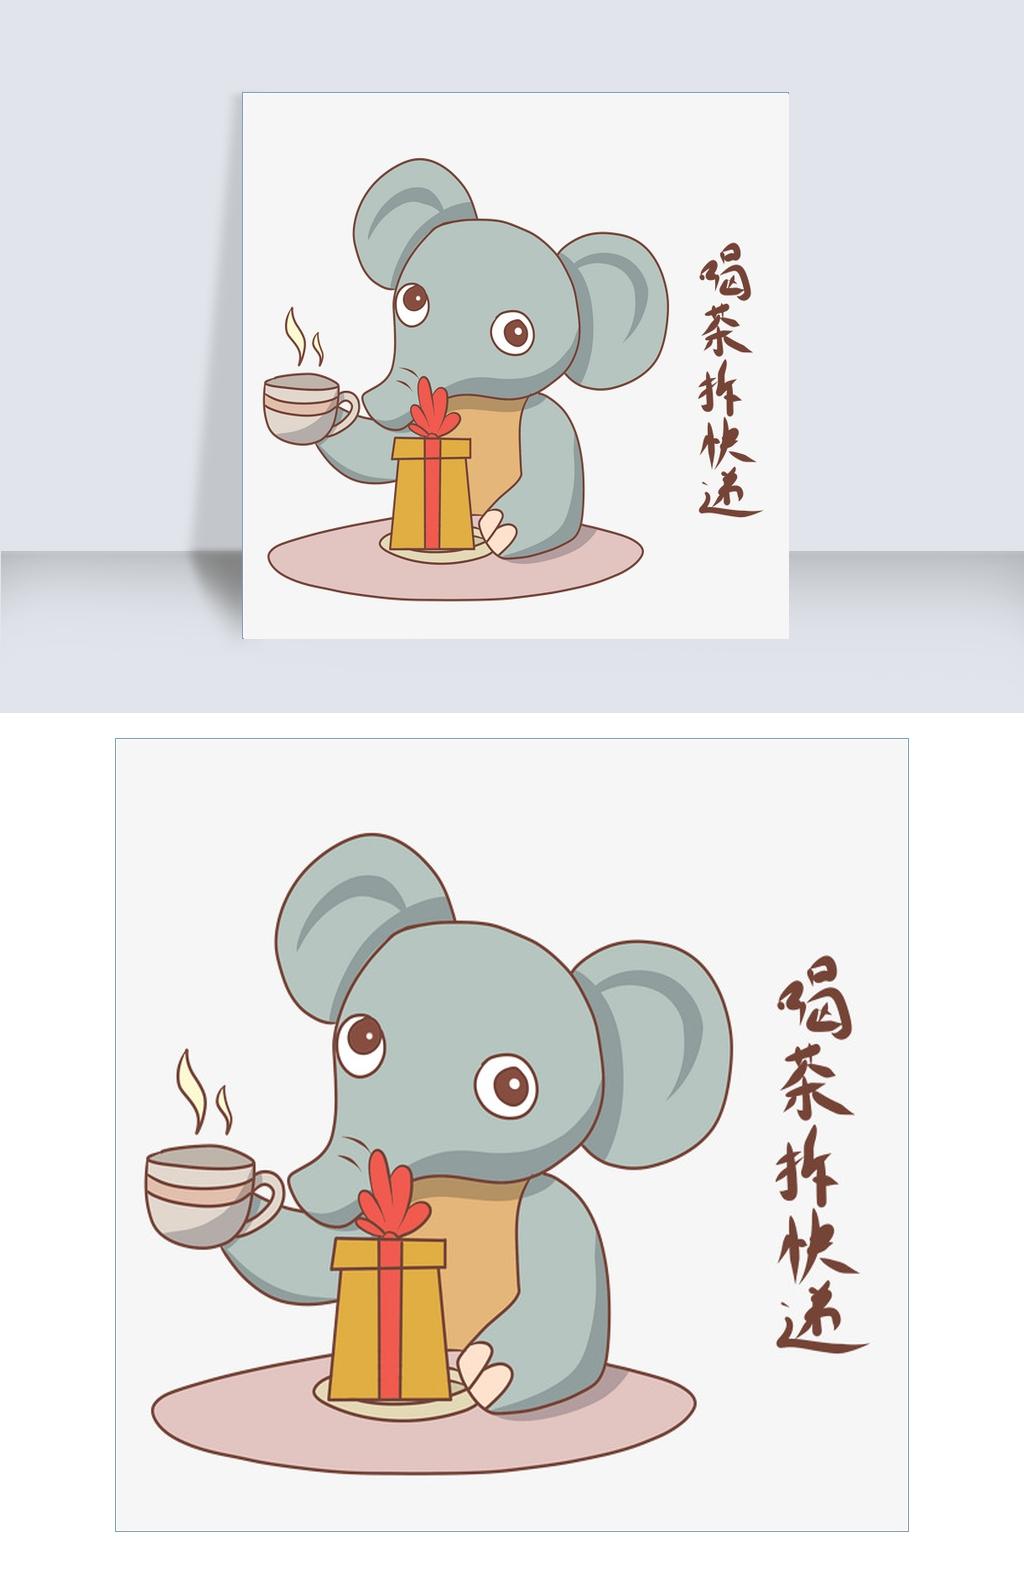 贴纸表情表情拆v表情插画一百度系列云大象包图片